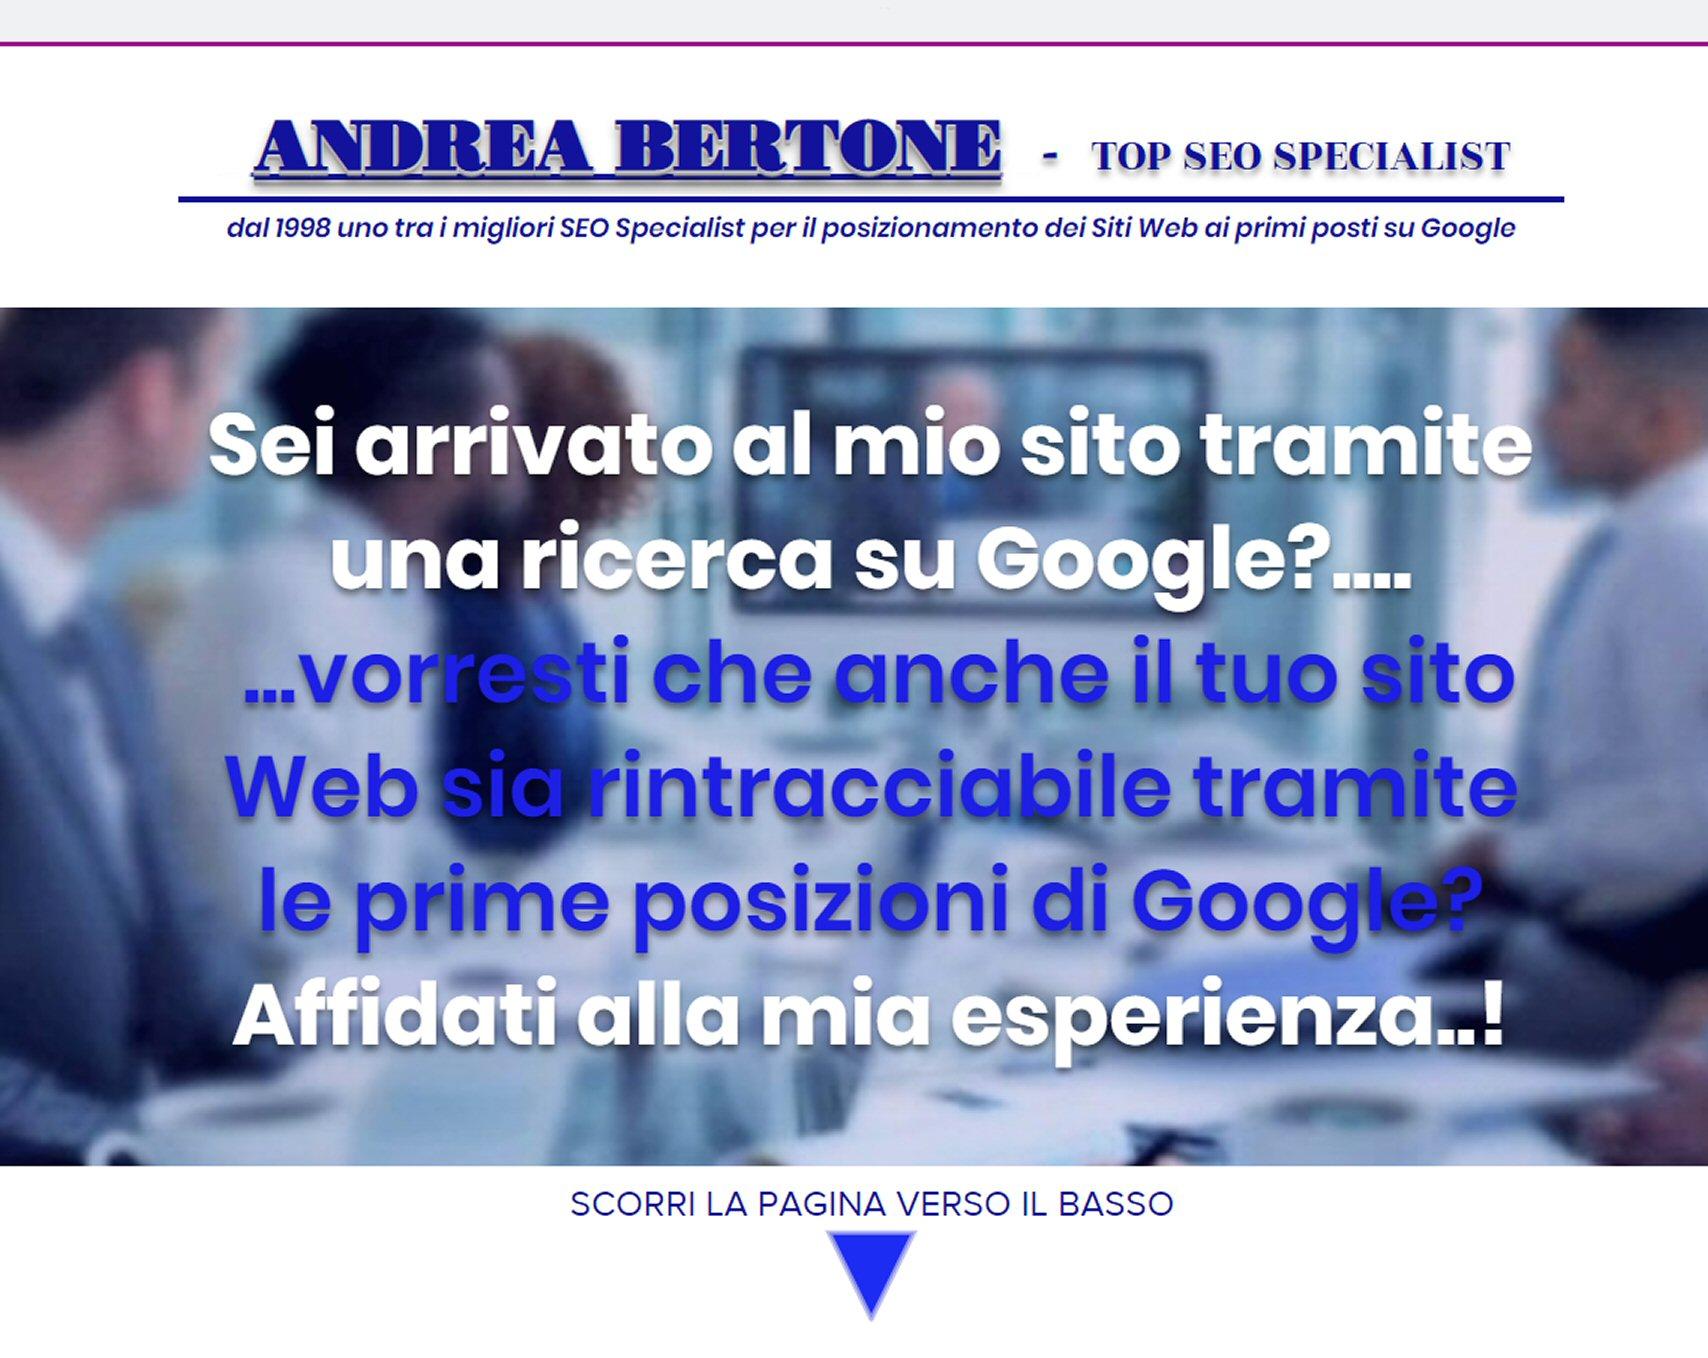 ANDREA BERTONE COMPARIRE PRIME POSIZIONI SU GOOGLE